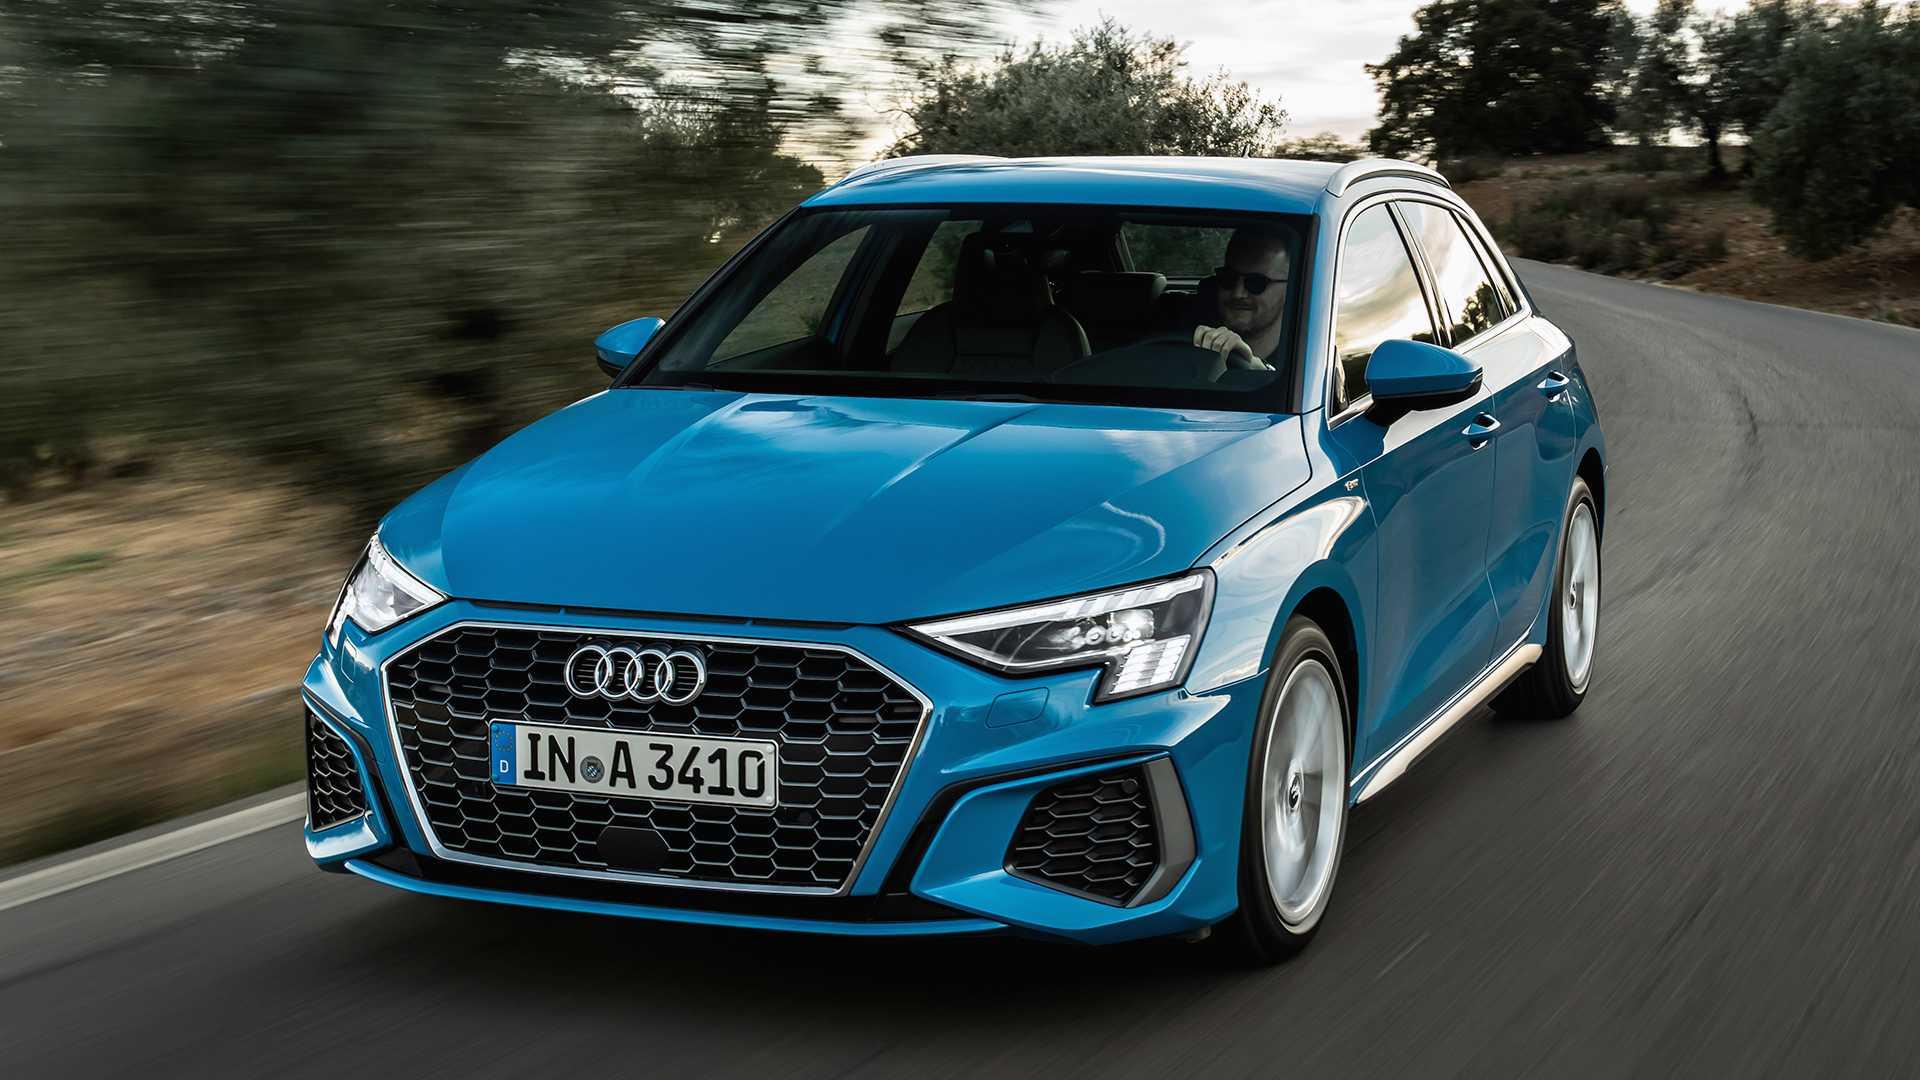 El Audi A3 Sportback 2020 recibe los motores 1.0 TFSI y 1.5 TFSI